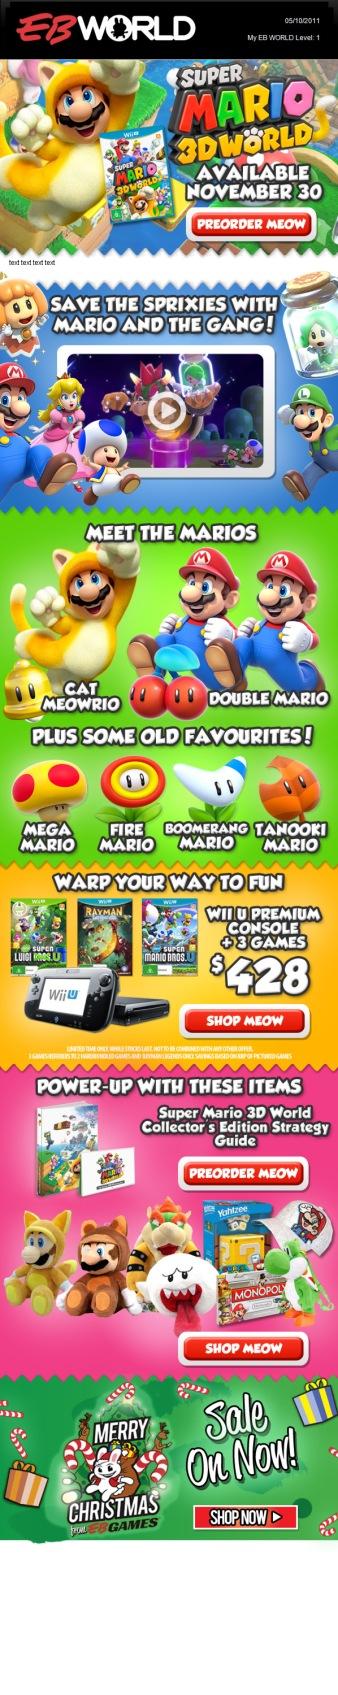 Mario Launch edm